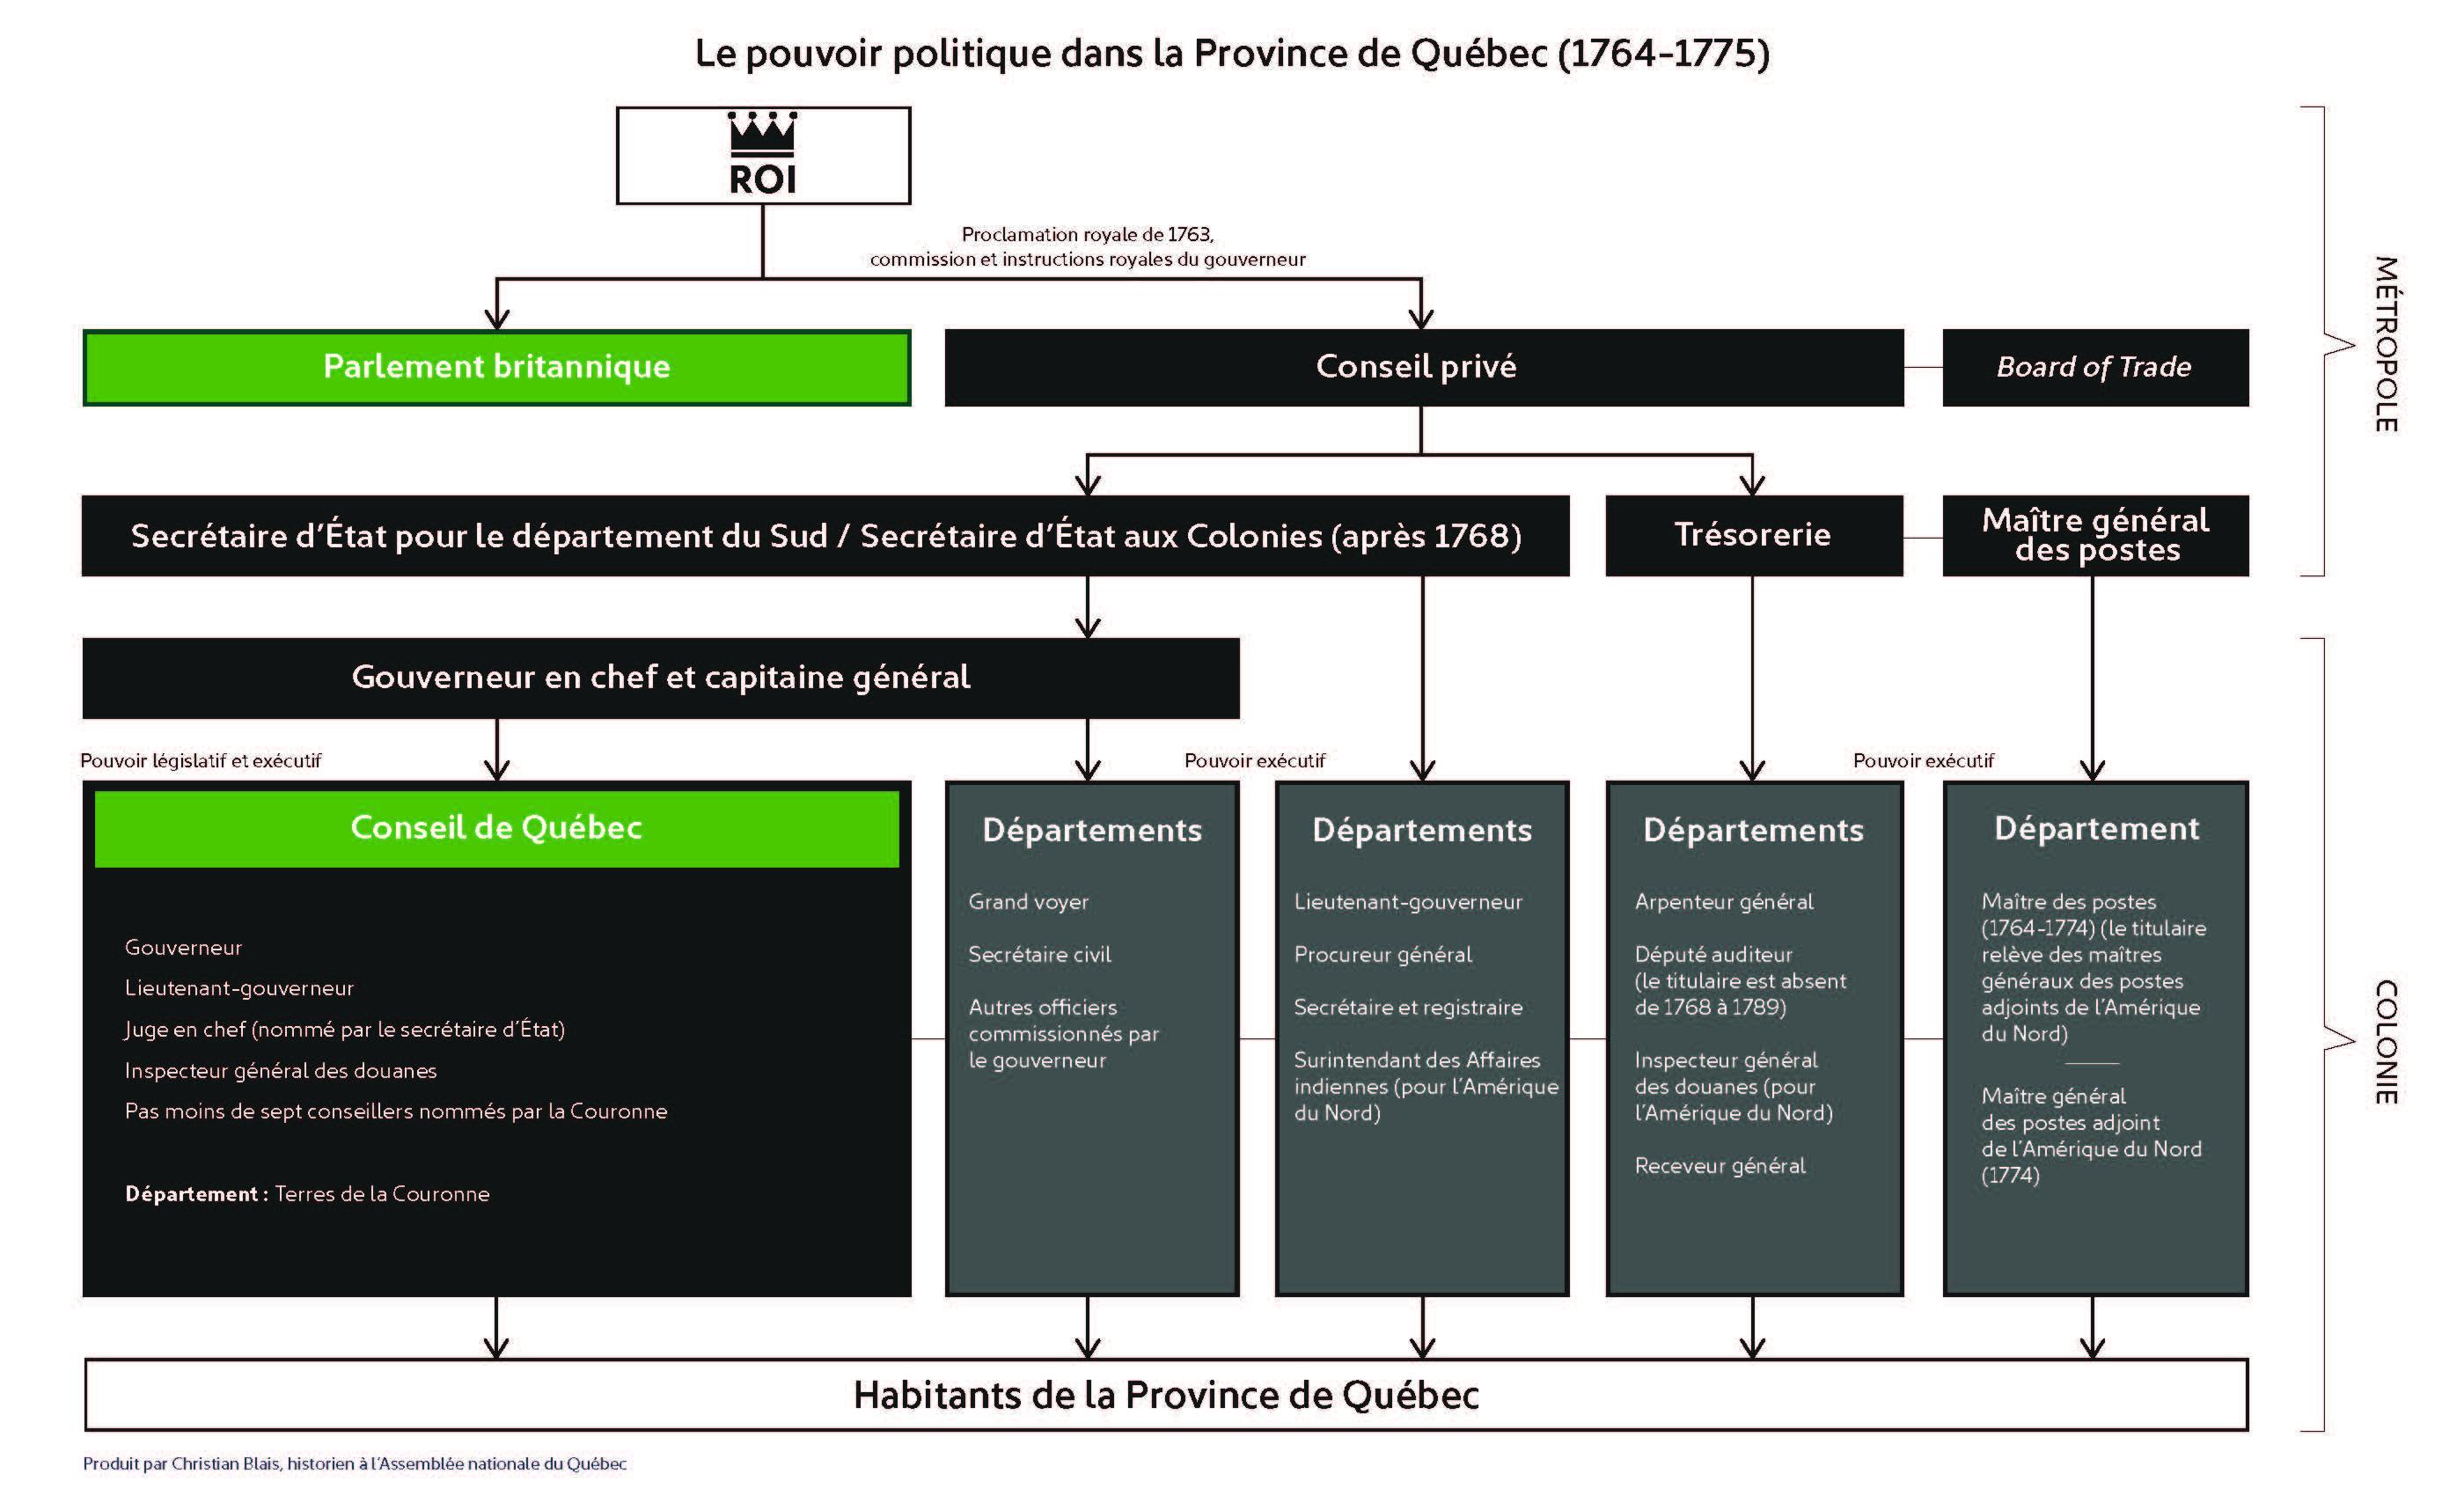 1764-1775 : Le gouvernement civil de la Province de Québec